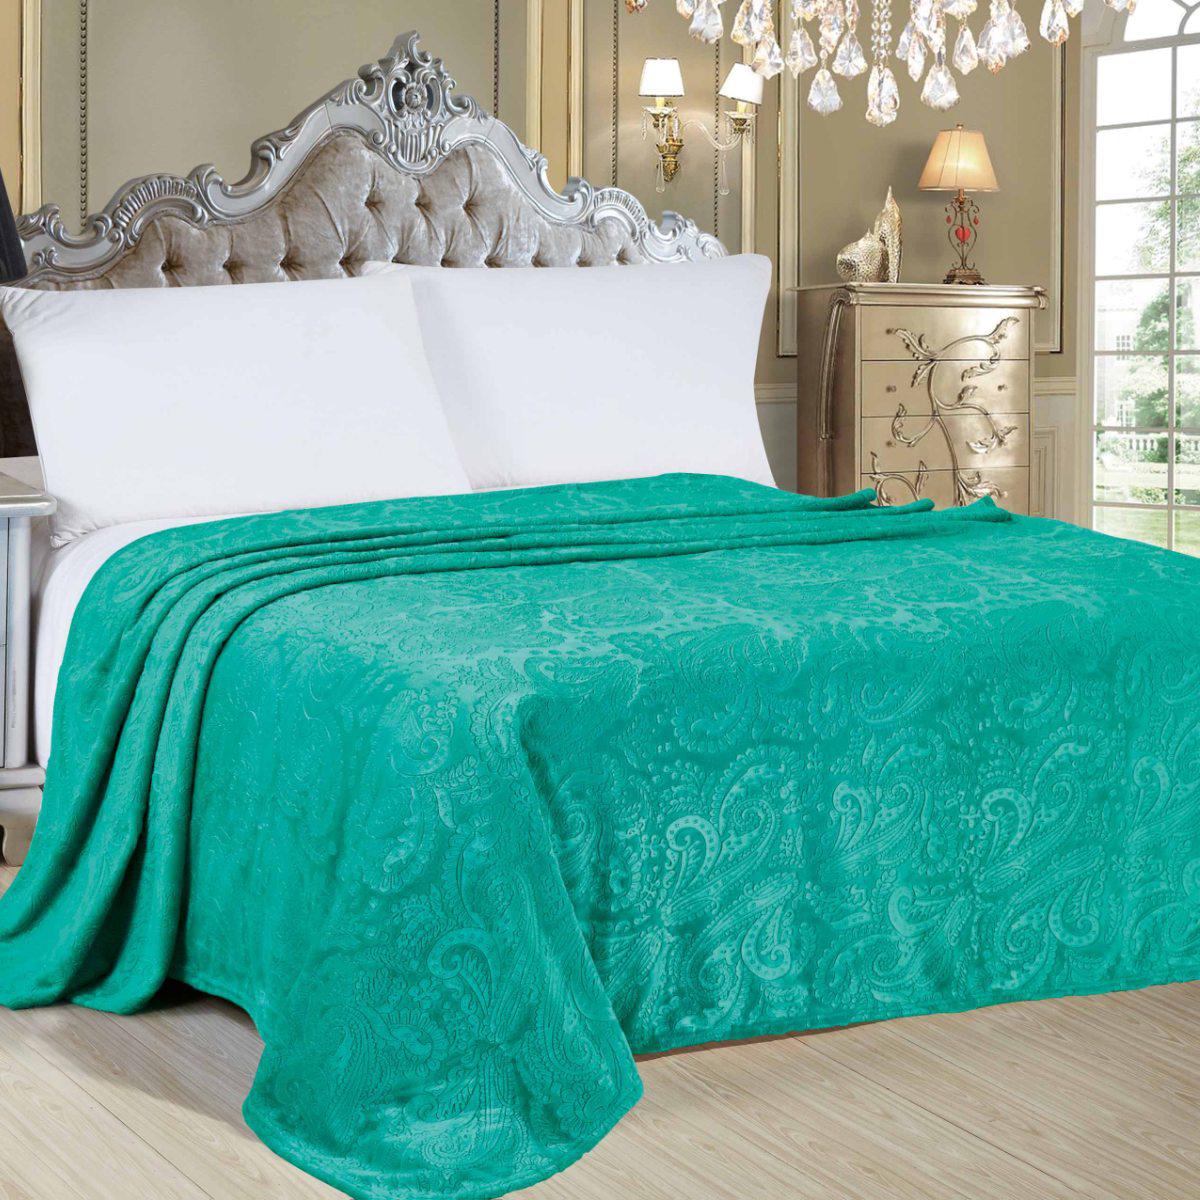 Плед Letto Велсофт, цвет: зеленый, 175 х 200 см. V144-4 плед velsoft 2сп 175 200 jardin